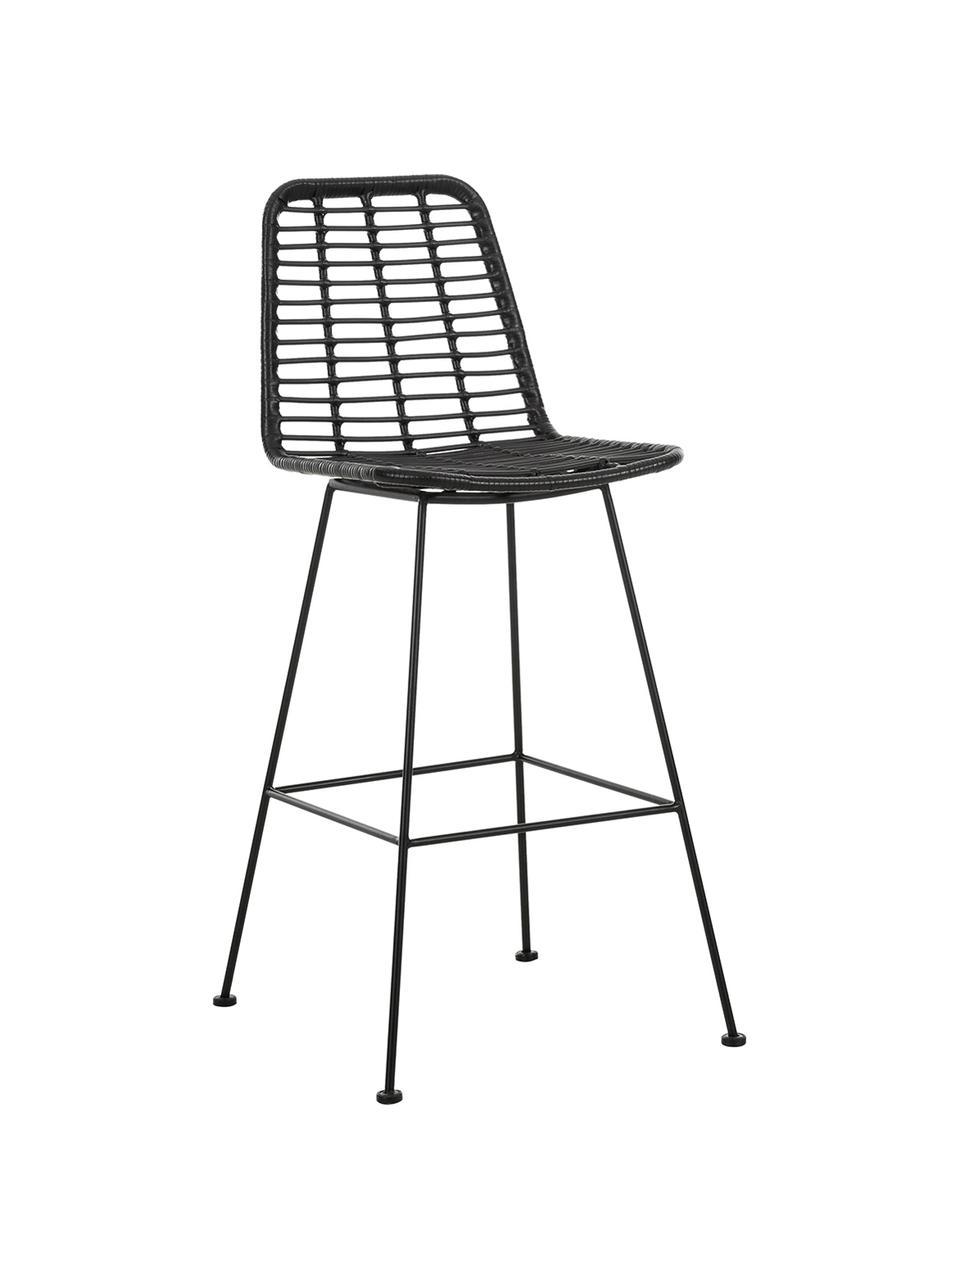 Polyrattan-Barstuhl Costa mit Metall-Beinen, Sitzfläche: Polyethylen-Geflecht, Gestell: Metall, pulverbeschichtet, Schwarz, Schwarz, 56 x 110 cm